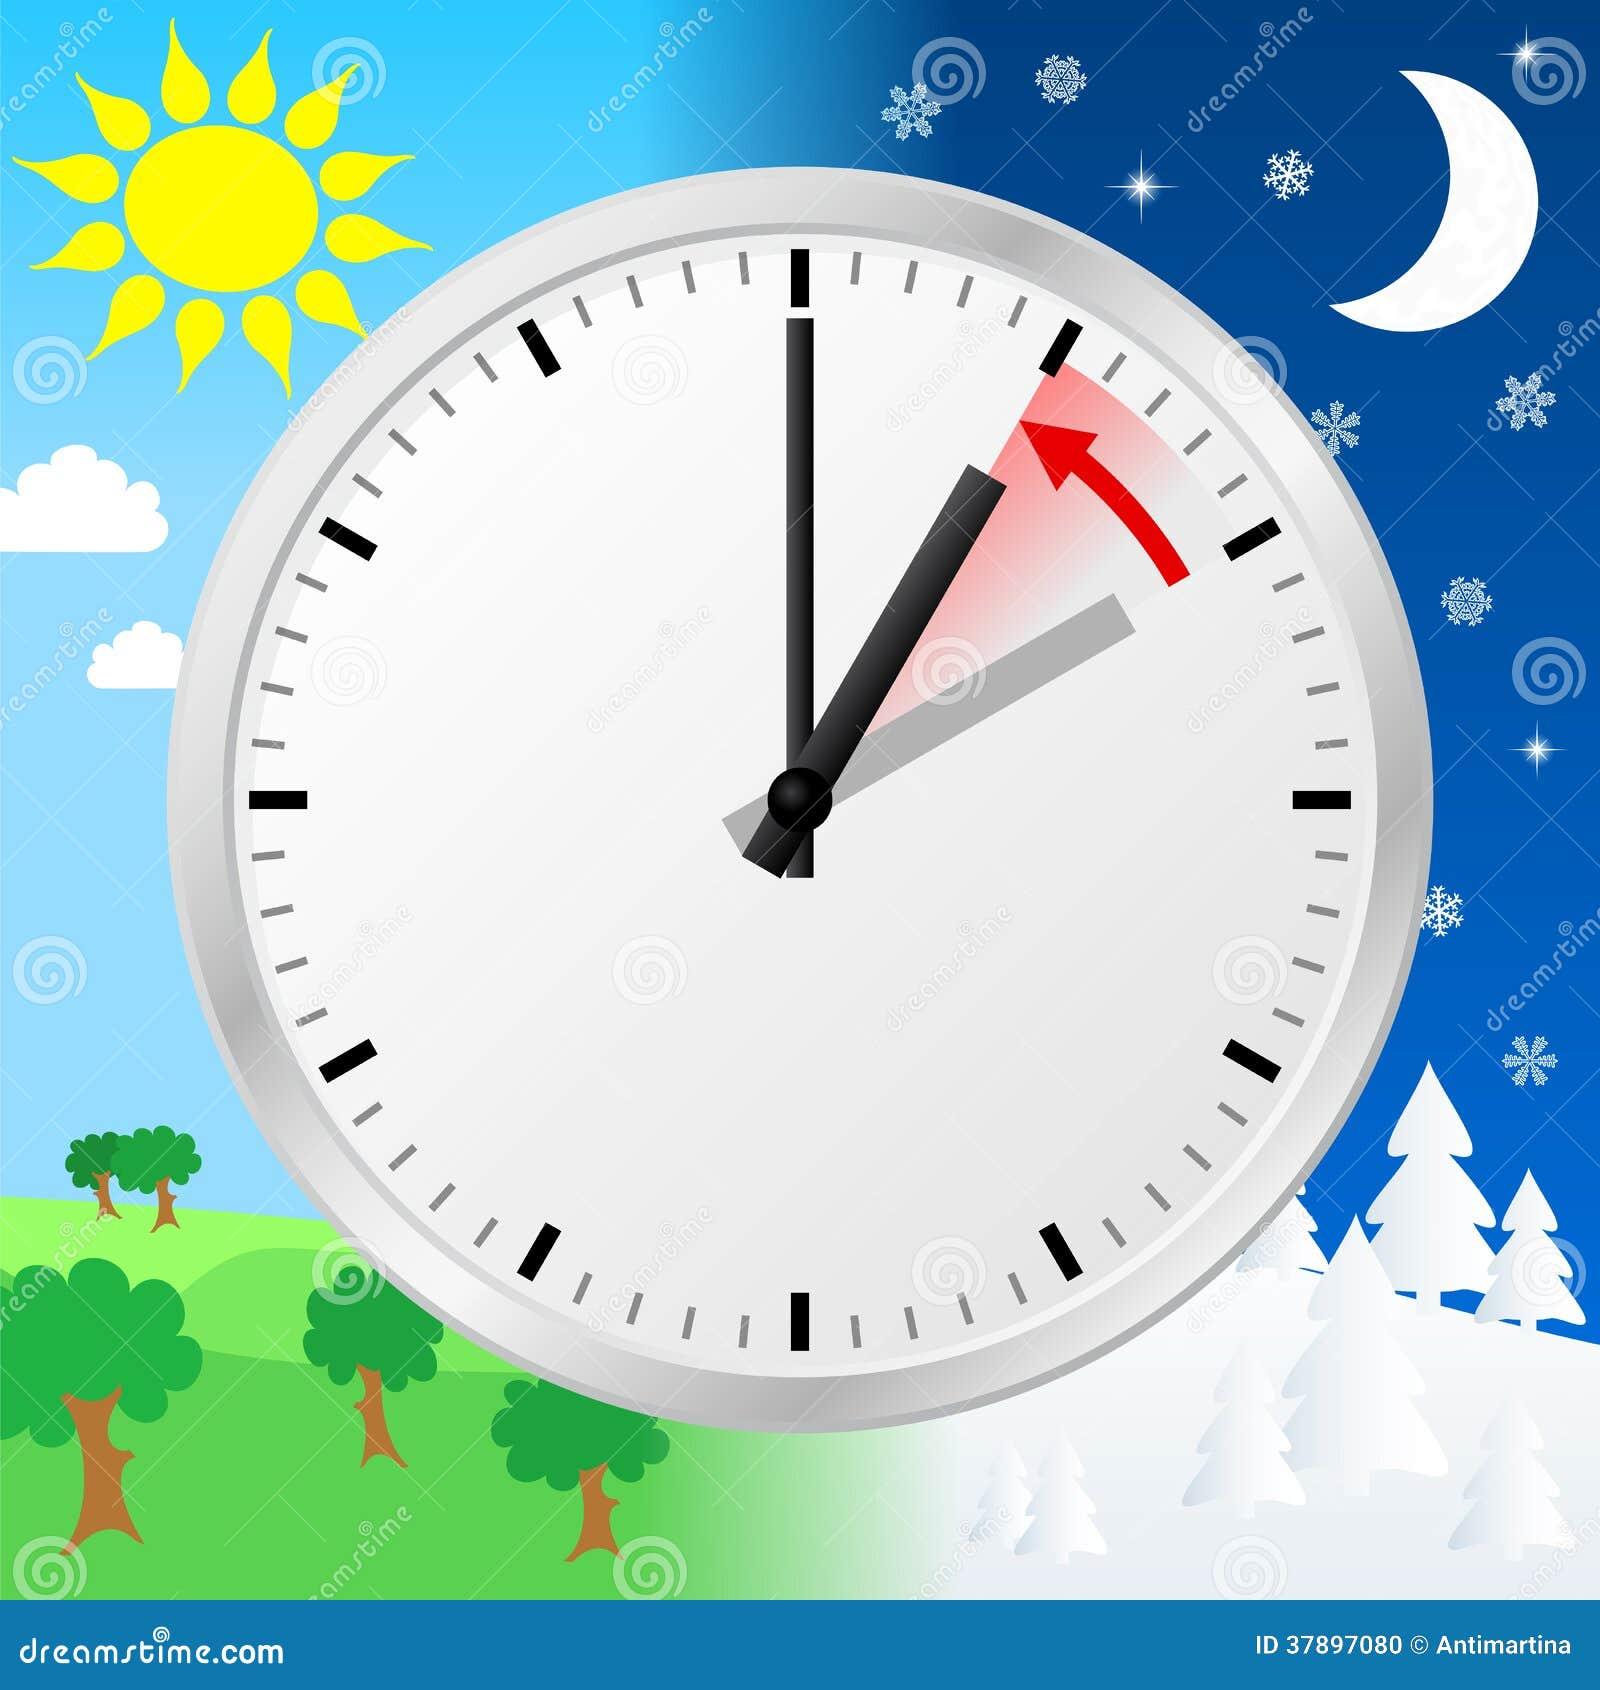 changement de temps l 39 heure d 39 hiver photo stock image 37897080. Black Bedroom Furniture Sets. Home Design Ideas